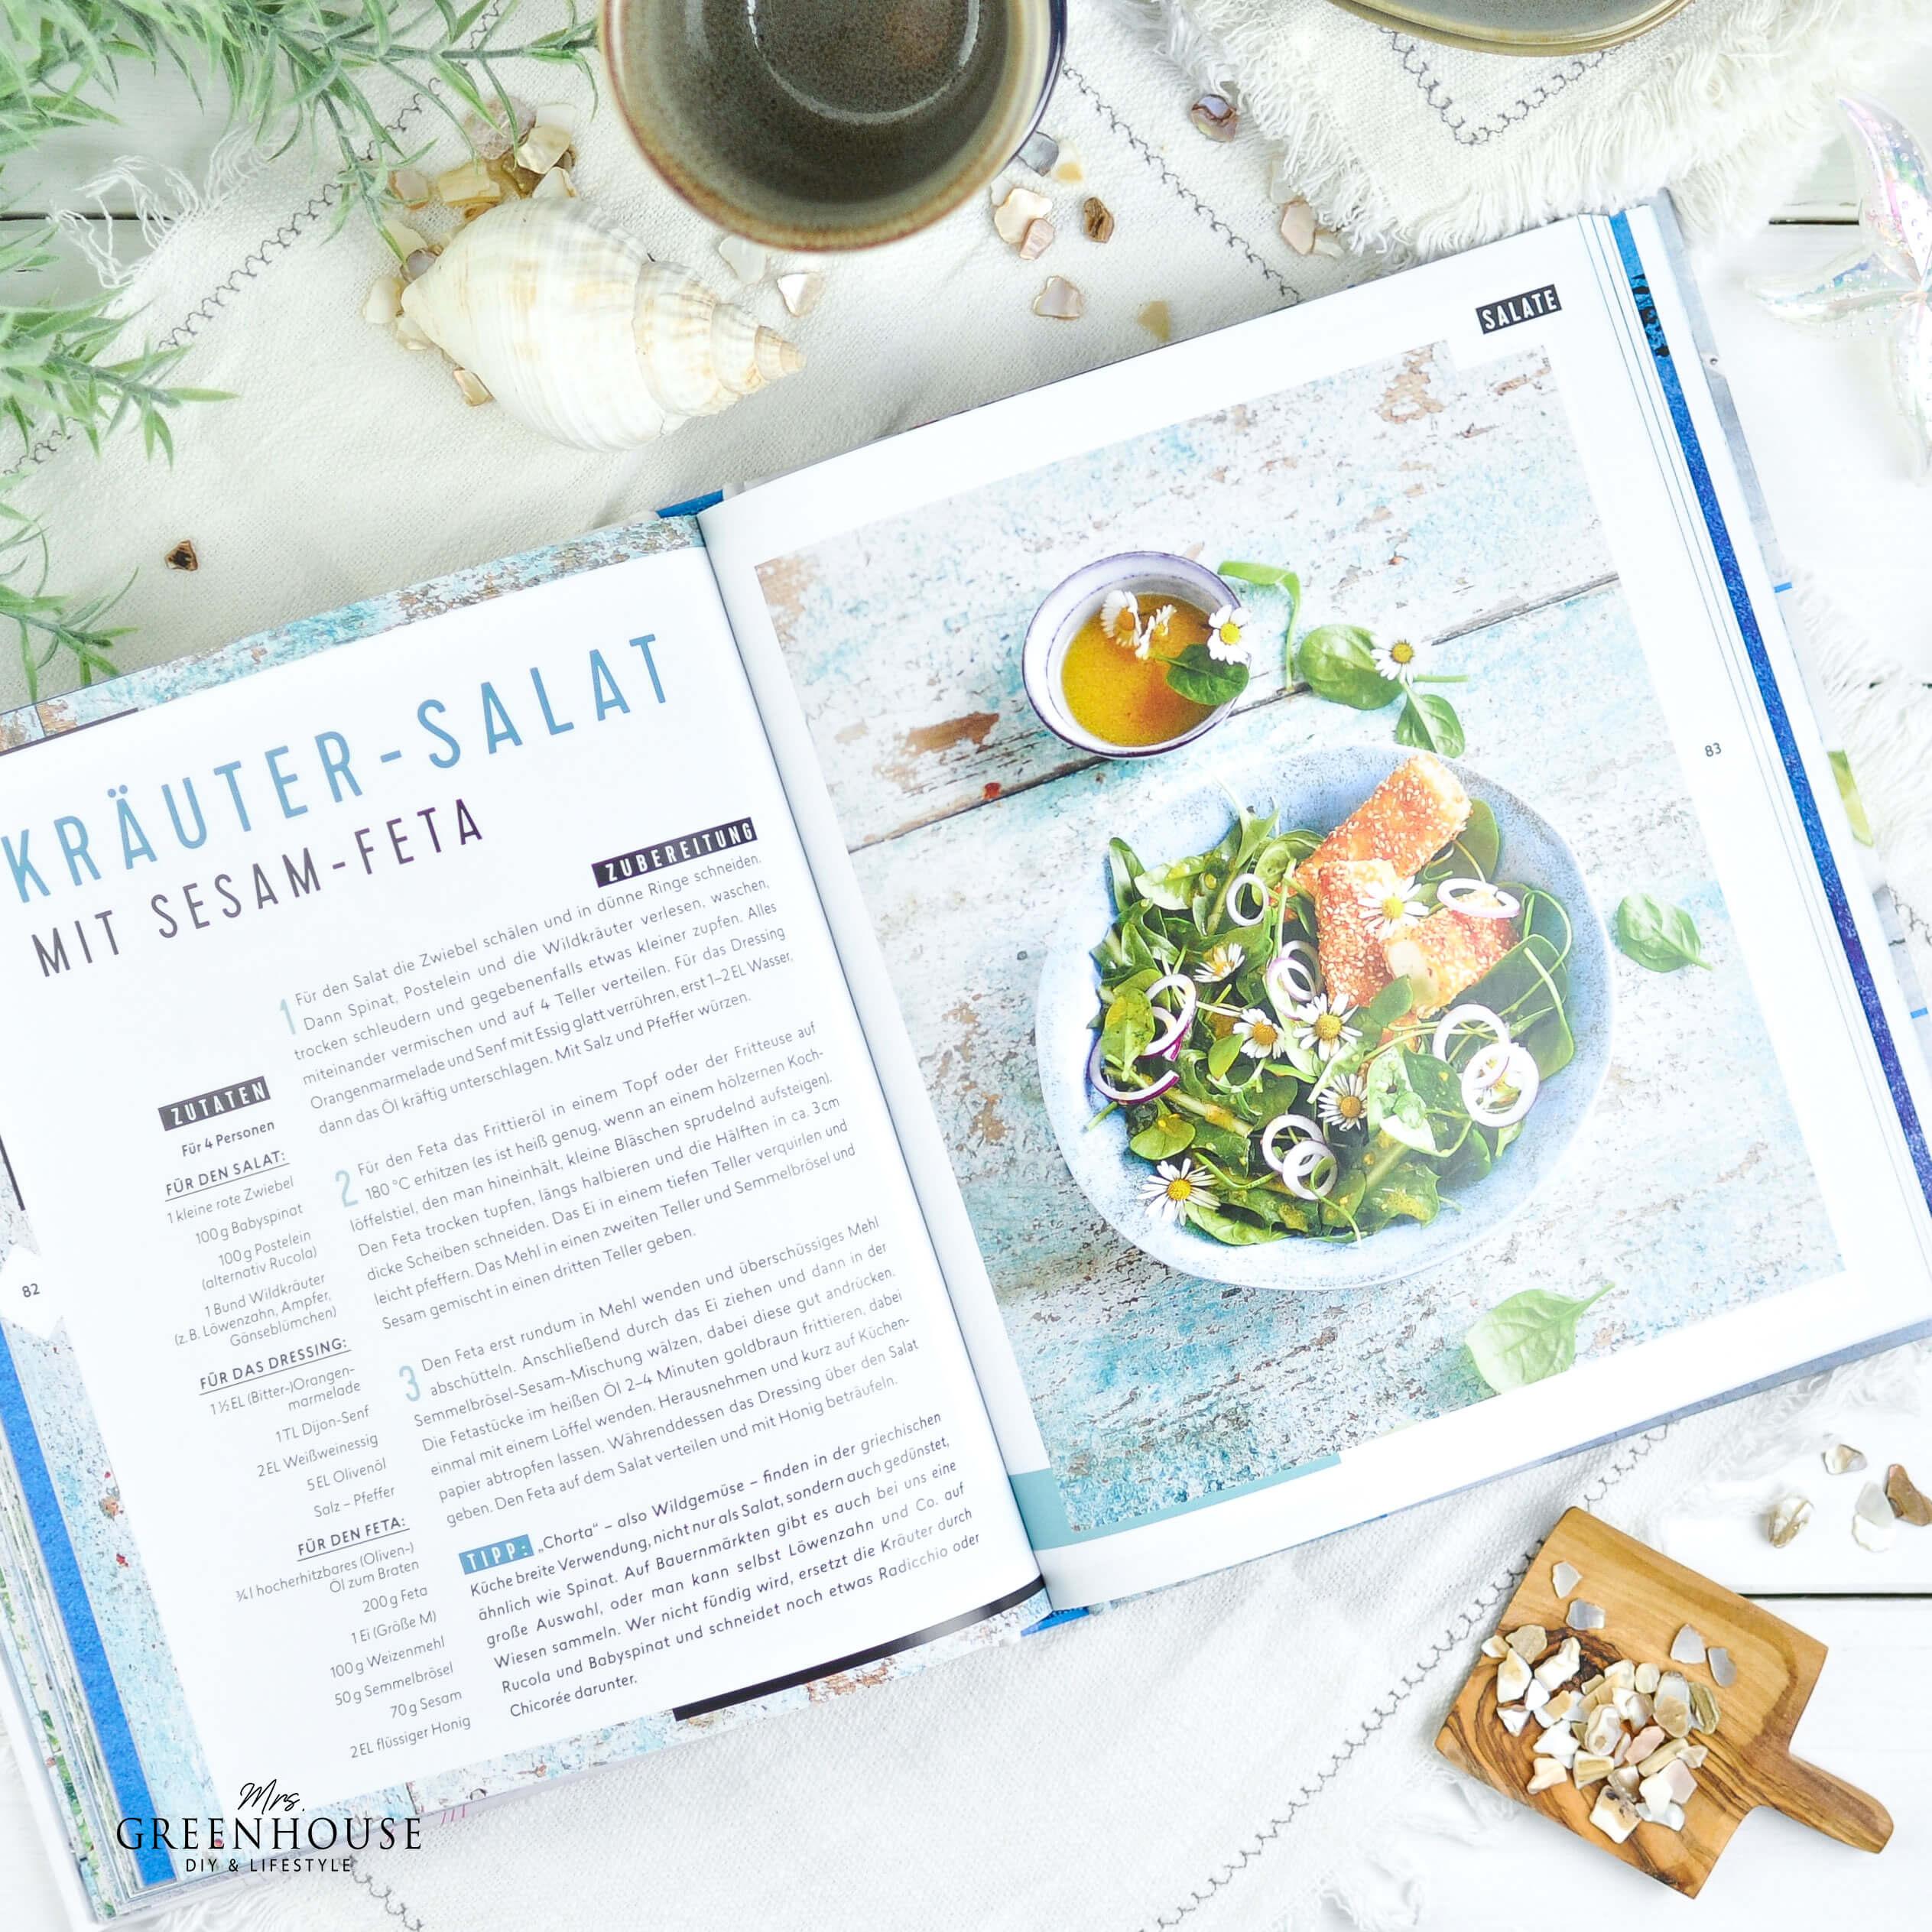 Griechisches Kochbuch